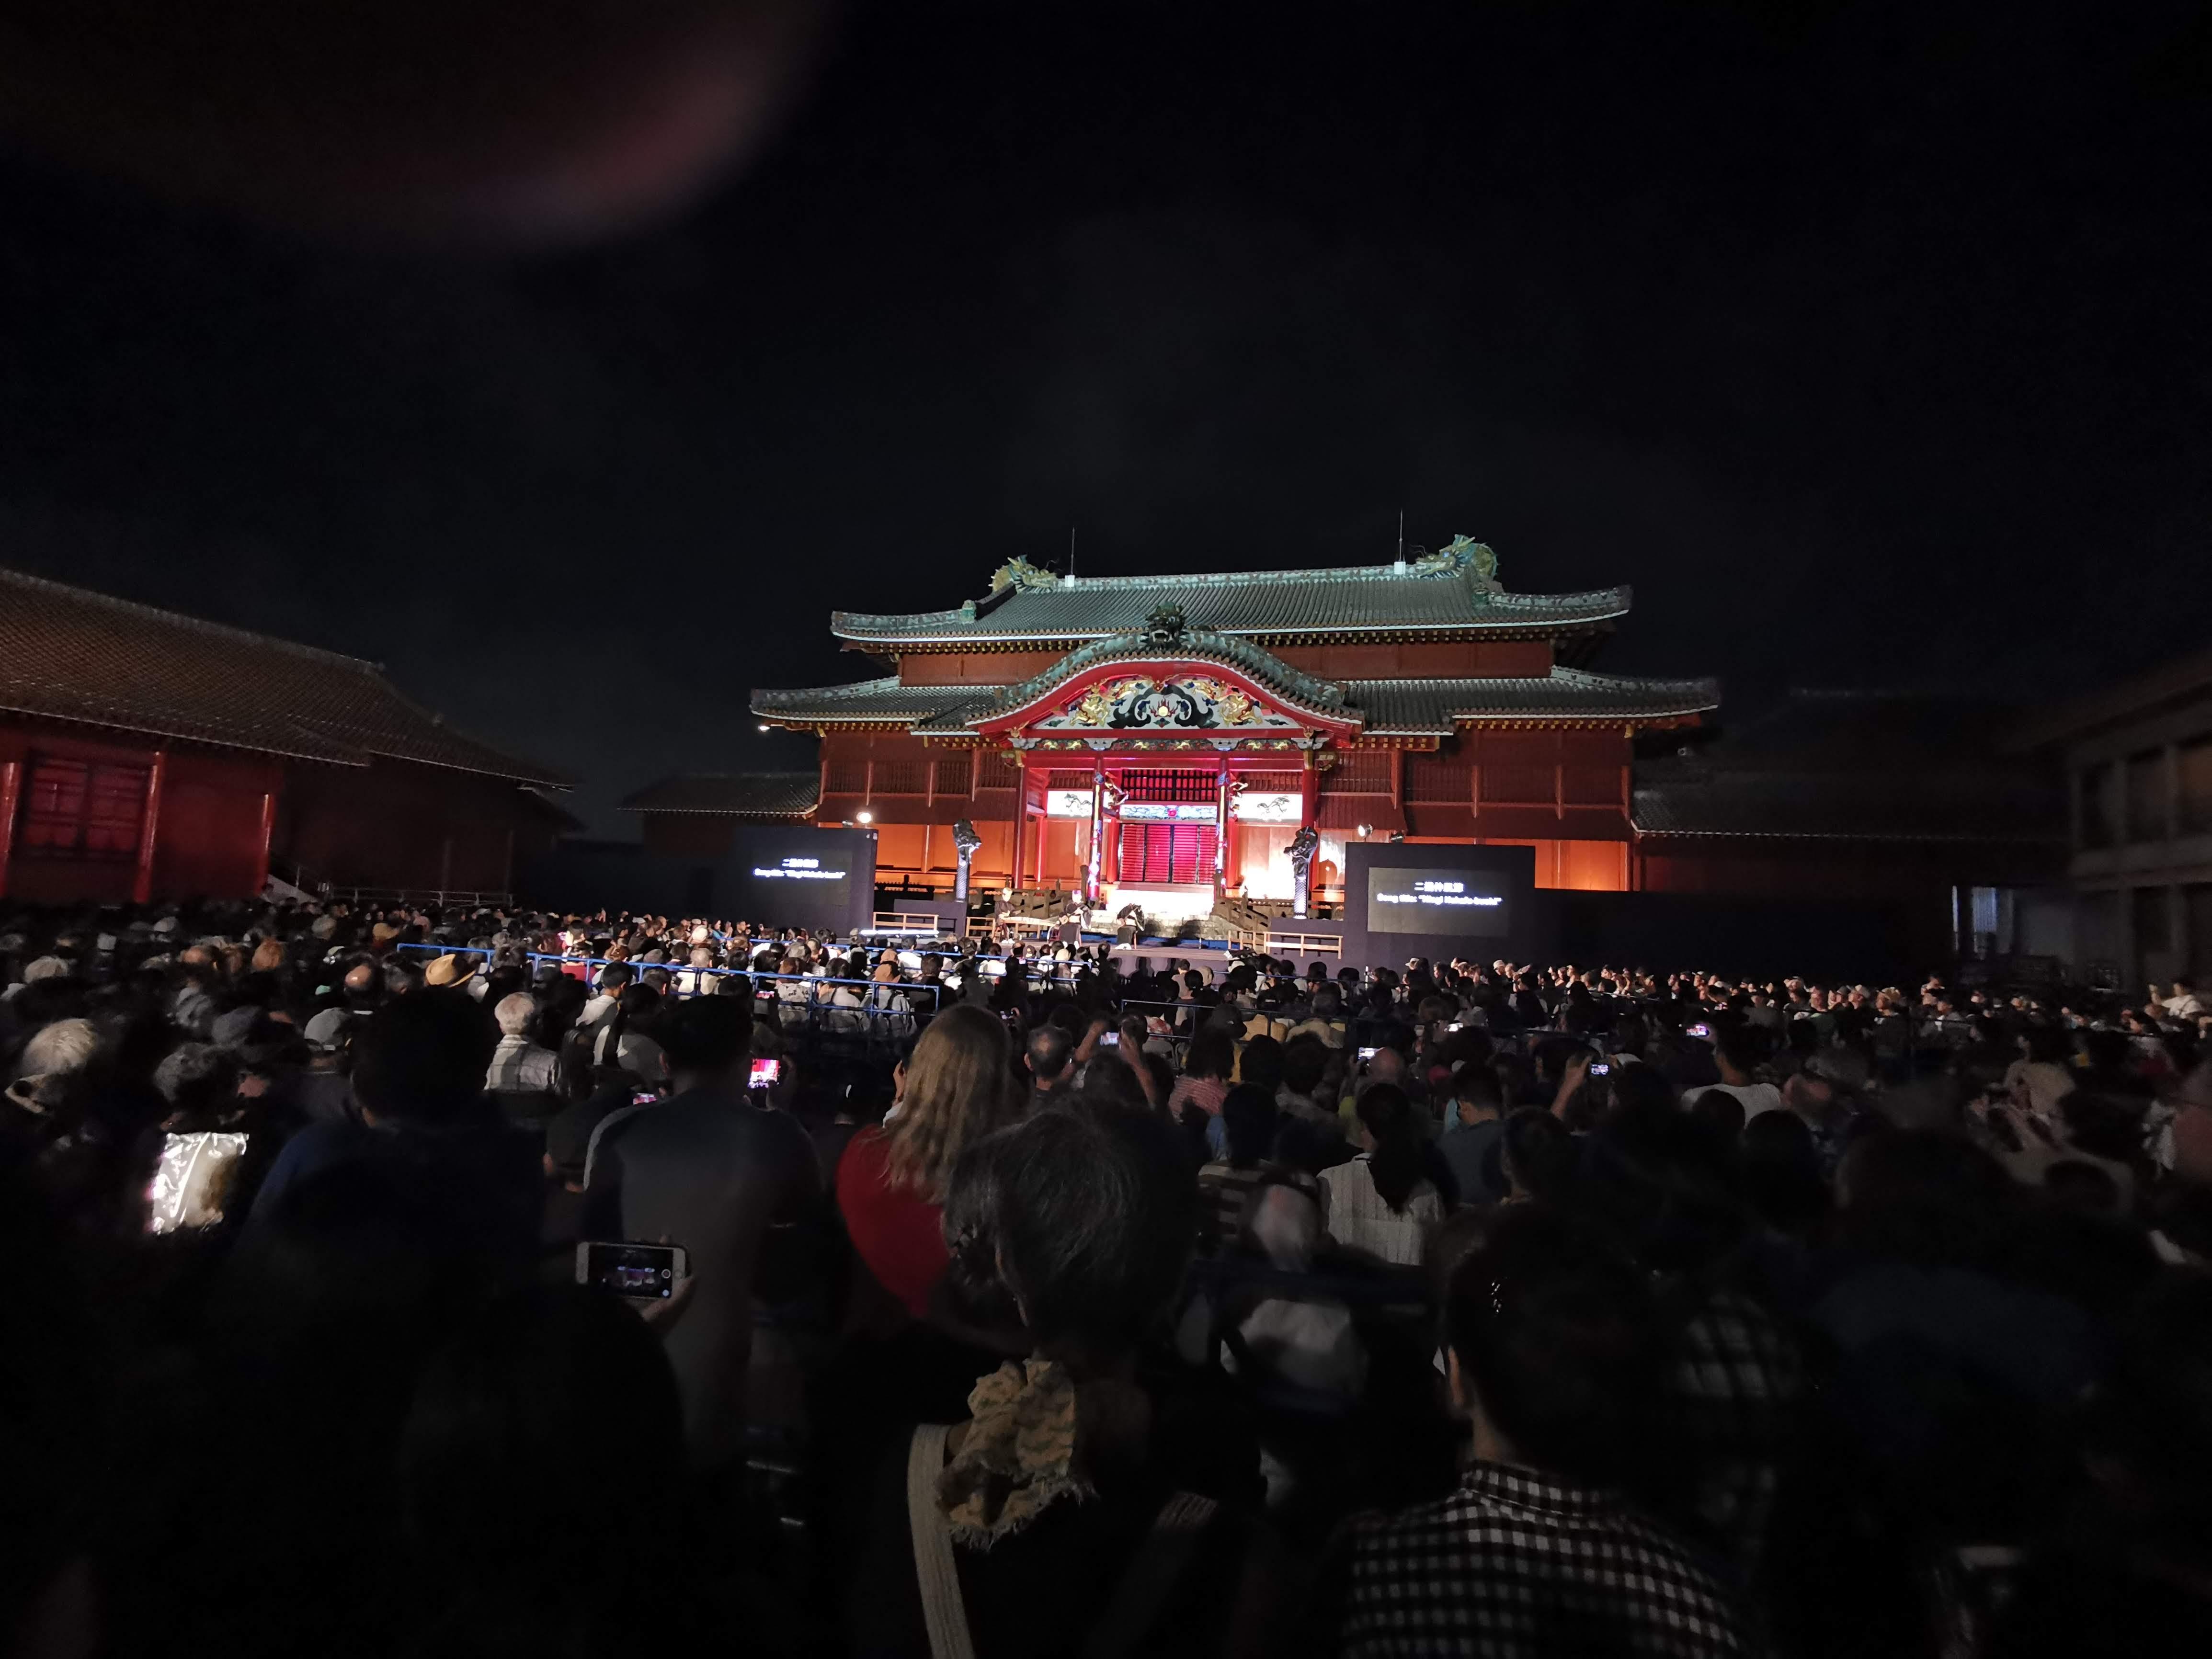 舞台に見入る観客